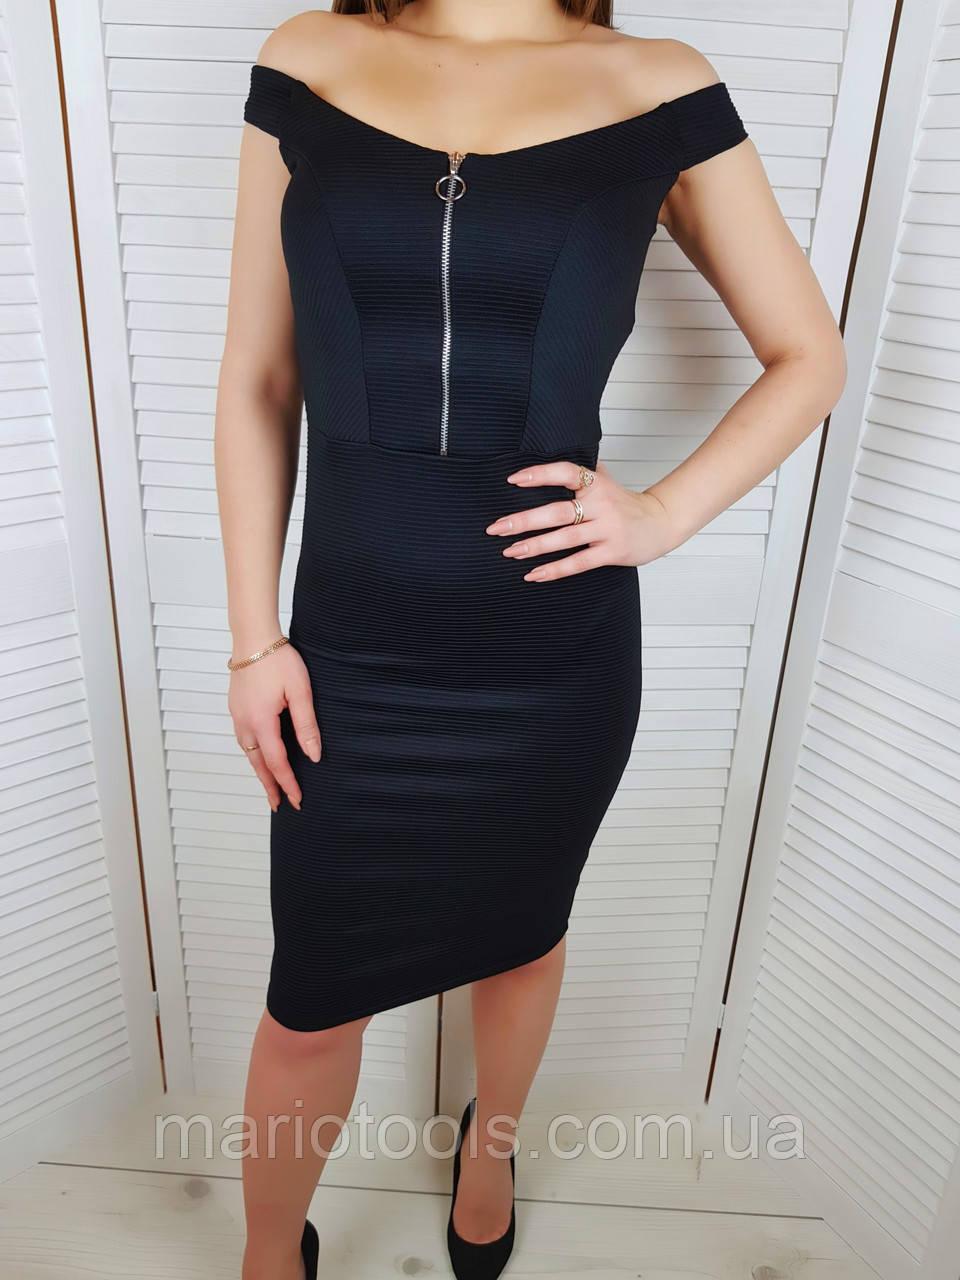 РАСПРОДАЖА! Шикарное утягивающее платье